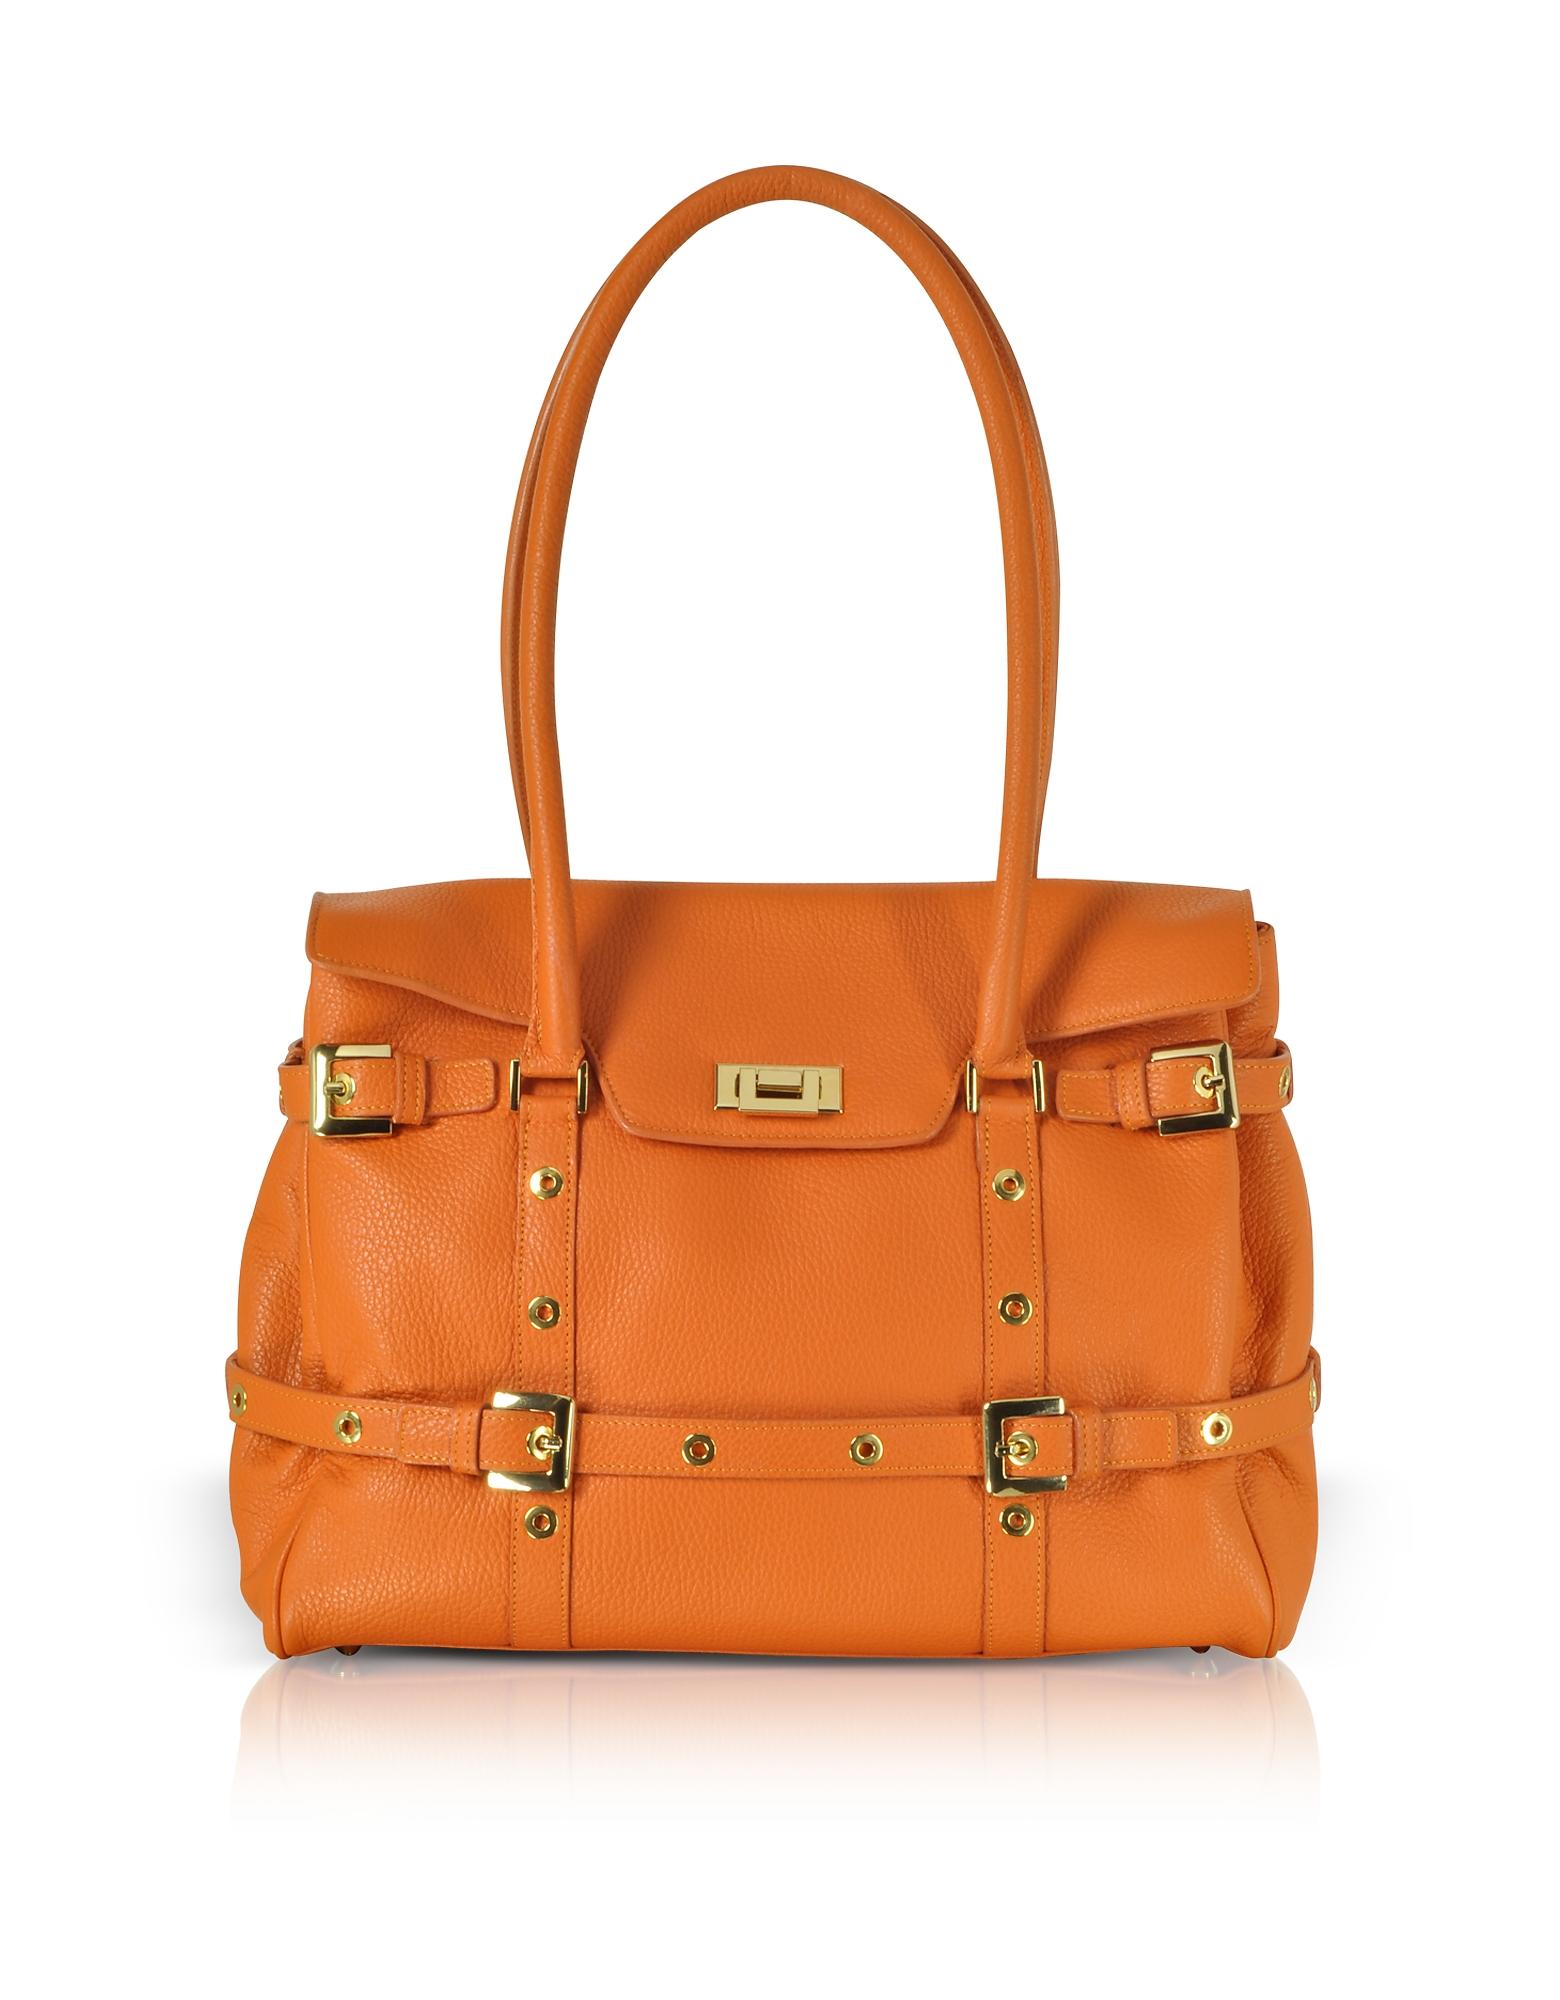 Fontanelli Designer Handbags, Orange Buckled Calf Leather Satchel Bag